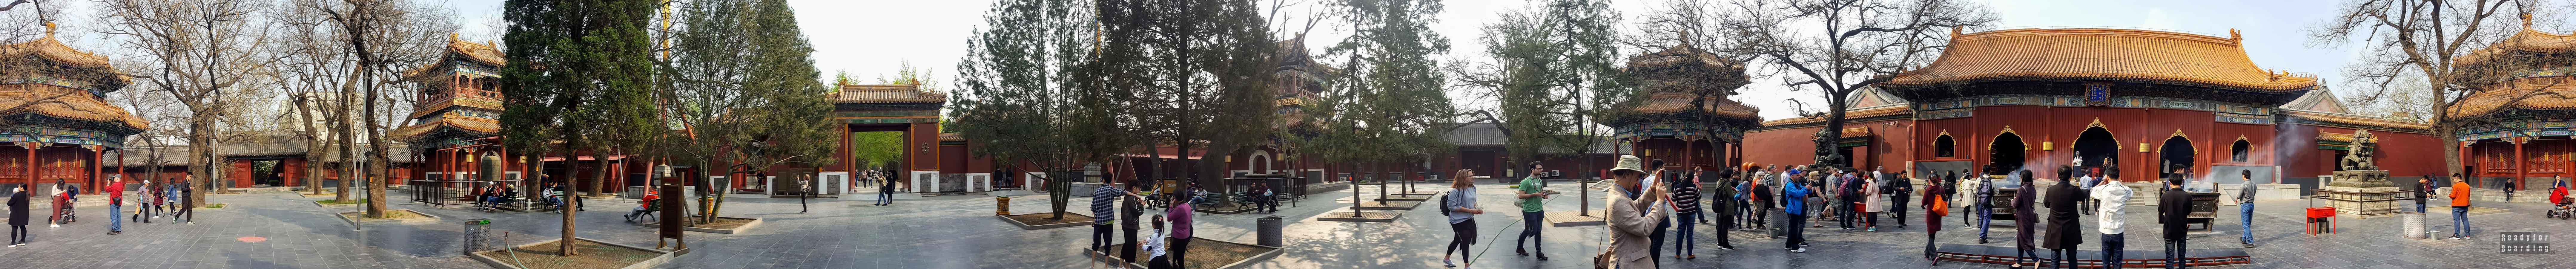 Panorama: Dziedziniec, Świątynia Lamy, Pekin